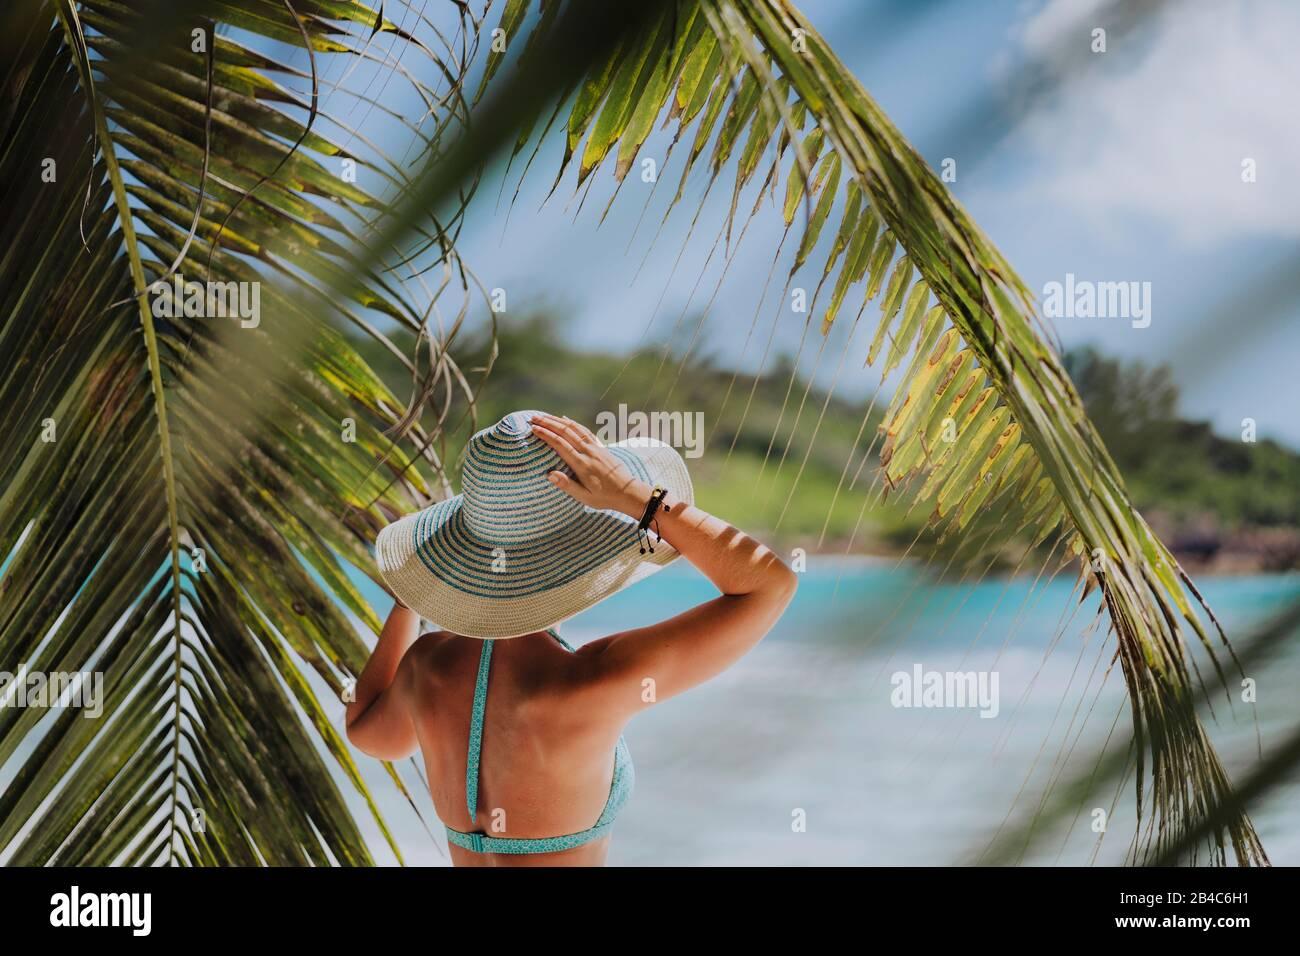 Mujer en la playa en la sombra de las palmeras con sombrero azul. Concepto de vacaciones de recreación en un paraíso de lujo. Foto de stock